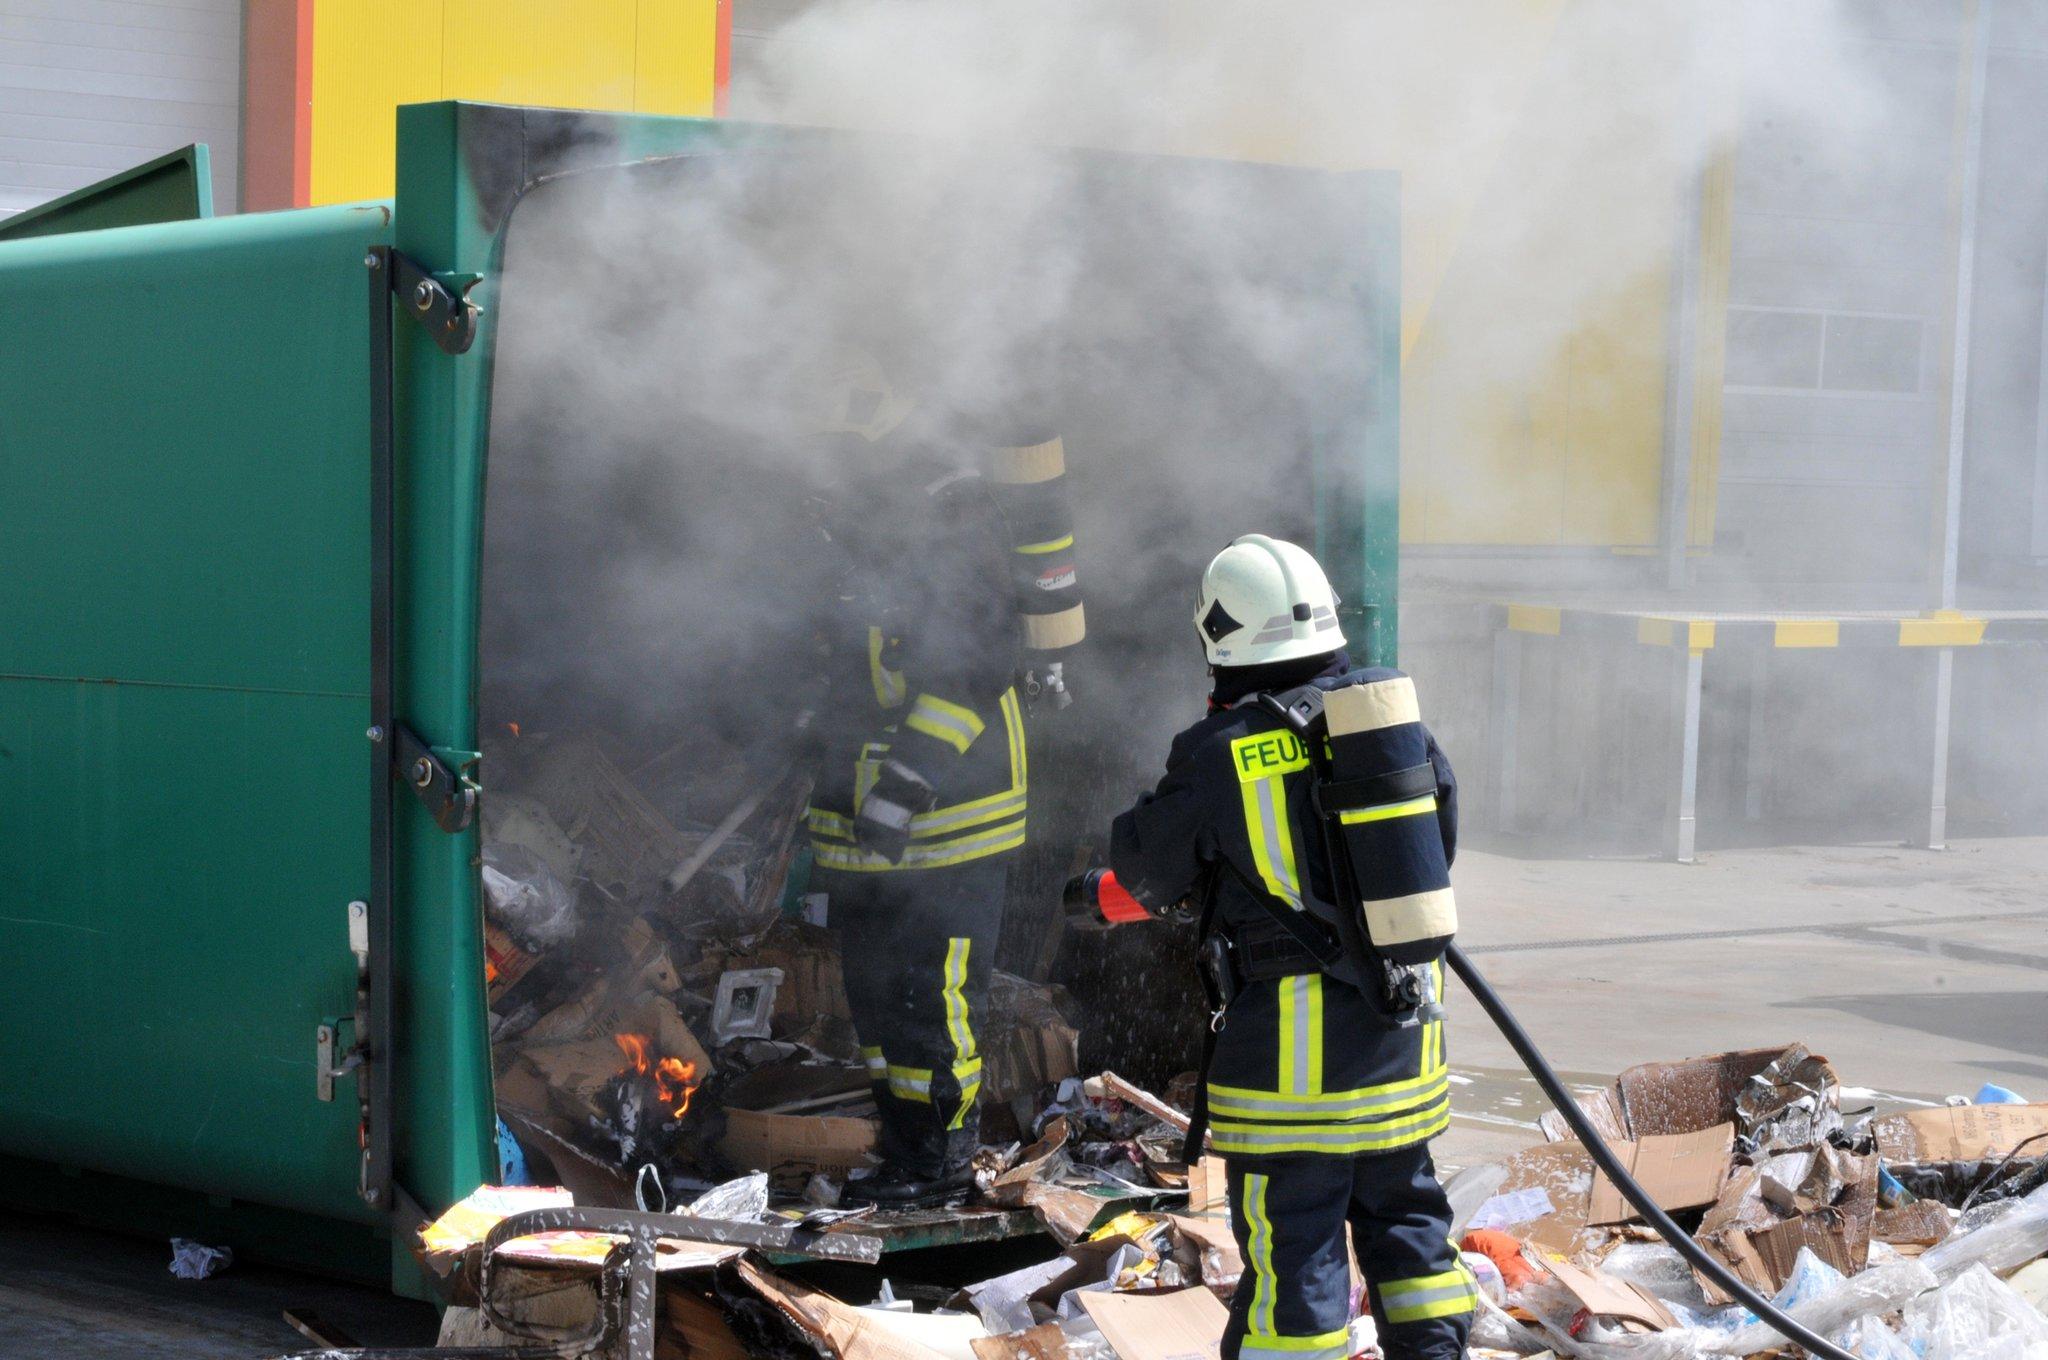 Müllcontainer bei Poco in Flammen - Dorsten